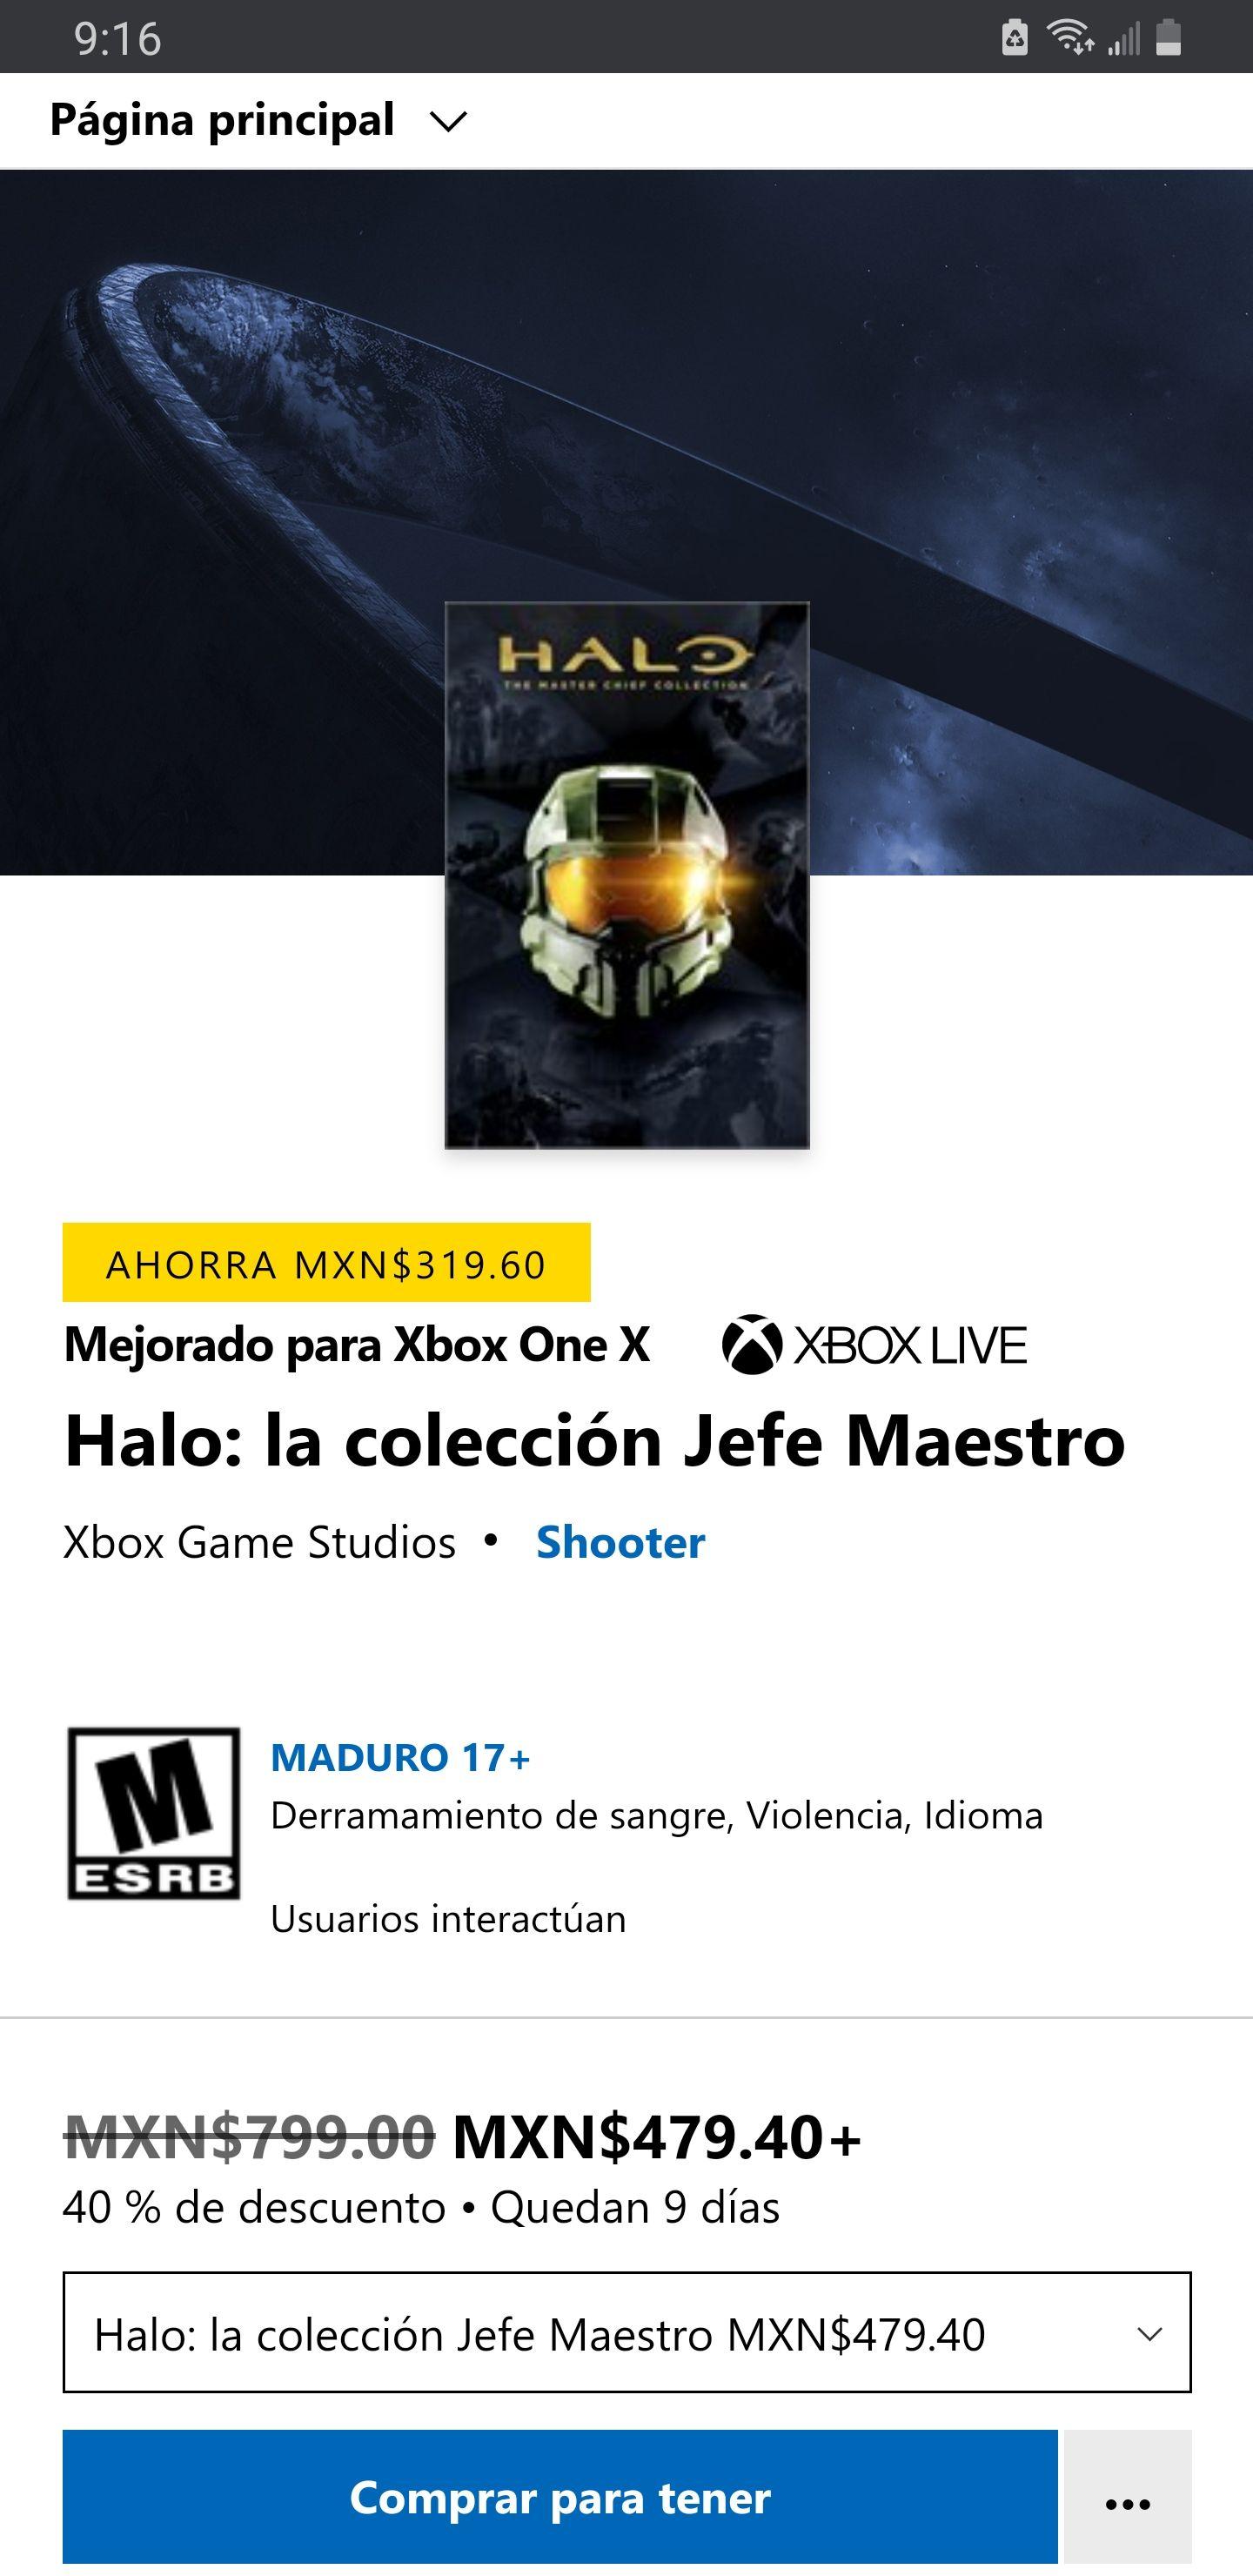 Microsoft Store, Halo: La colección del Jefe Maestro